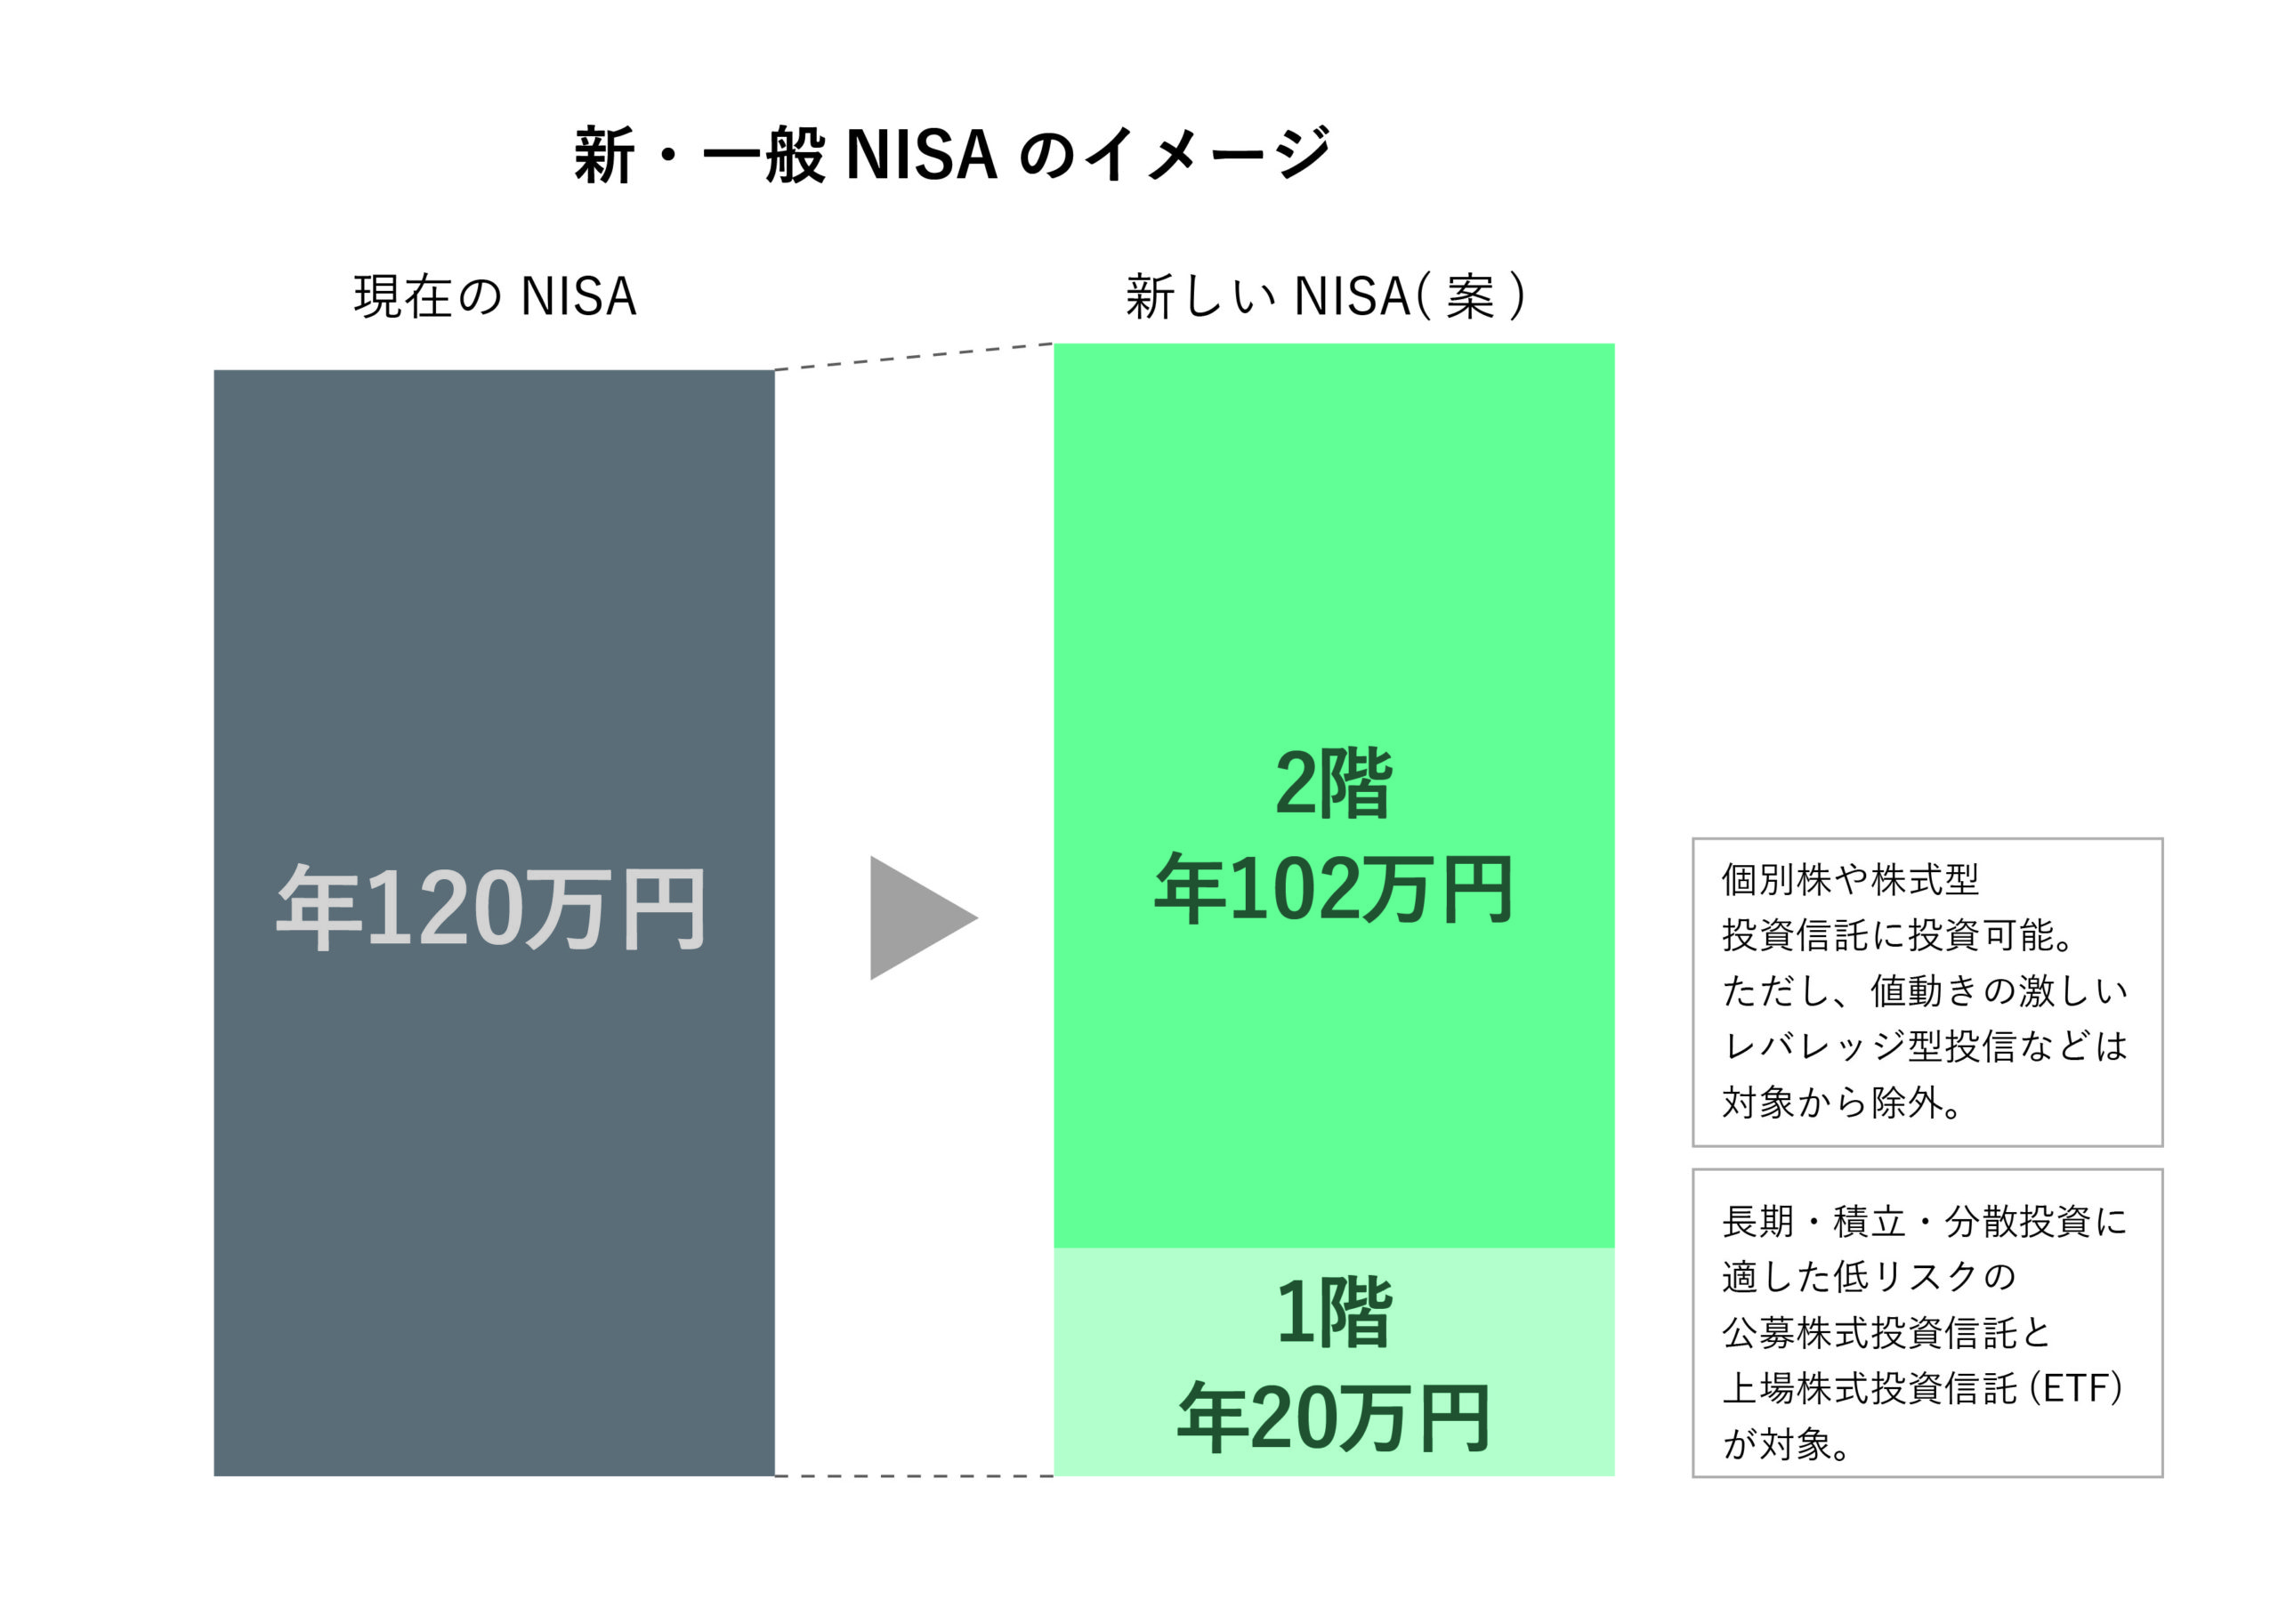 従来NISAと新NISAの比較